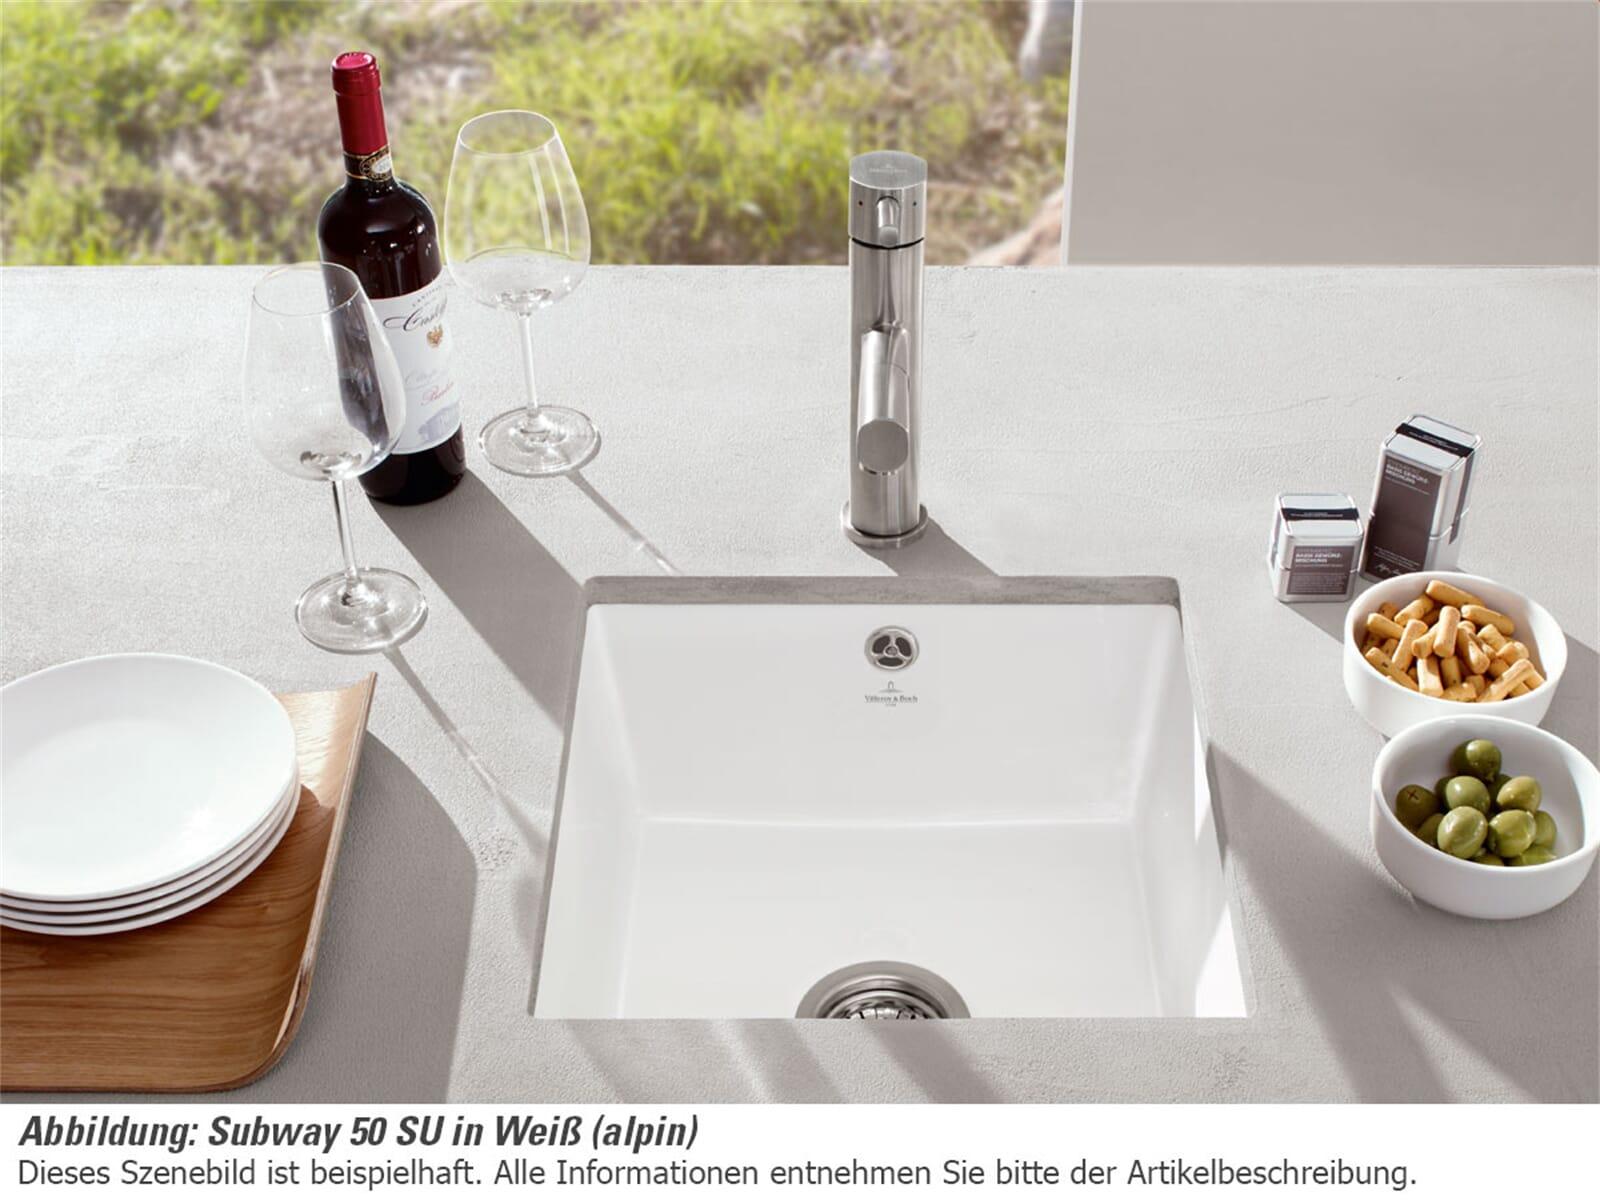 Villeroy & Boch Subway 50 SU Weiß (alpin) - 3325 01 R1 Keramikspüle Handbetätigung